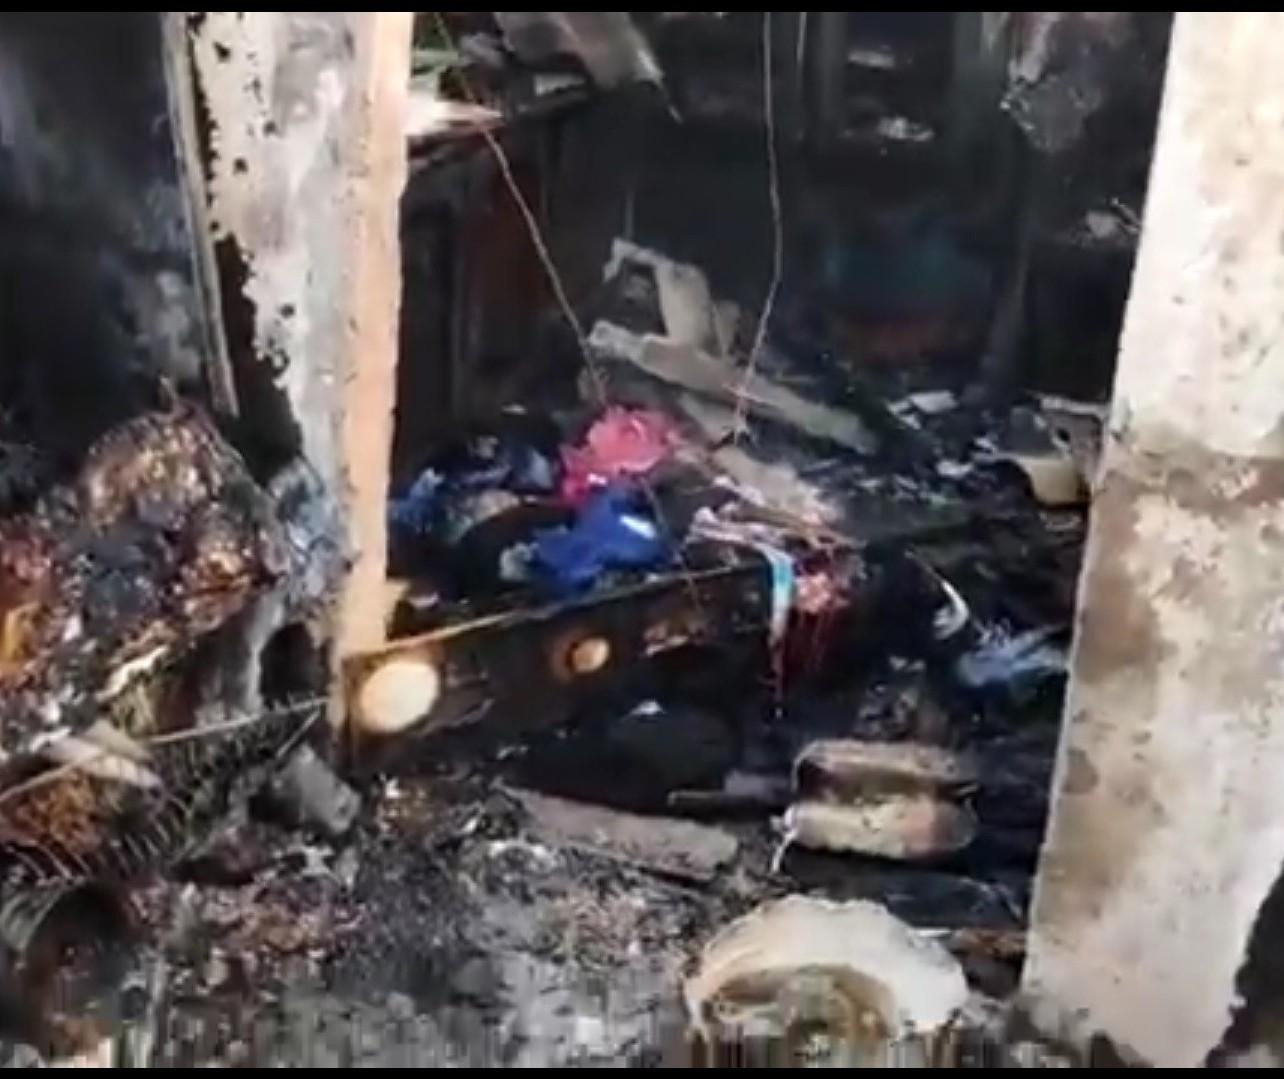 Coletor de lixo que teve casa destruída em incêndio precisa de doações